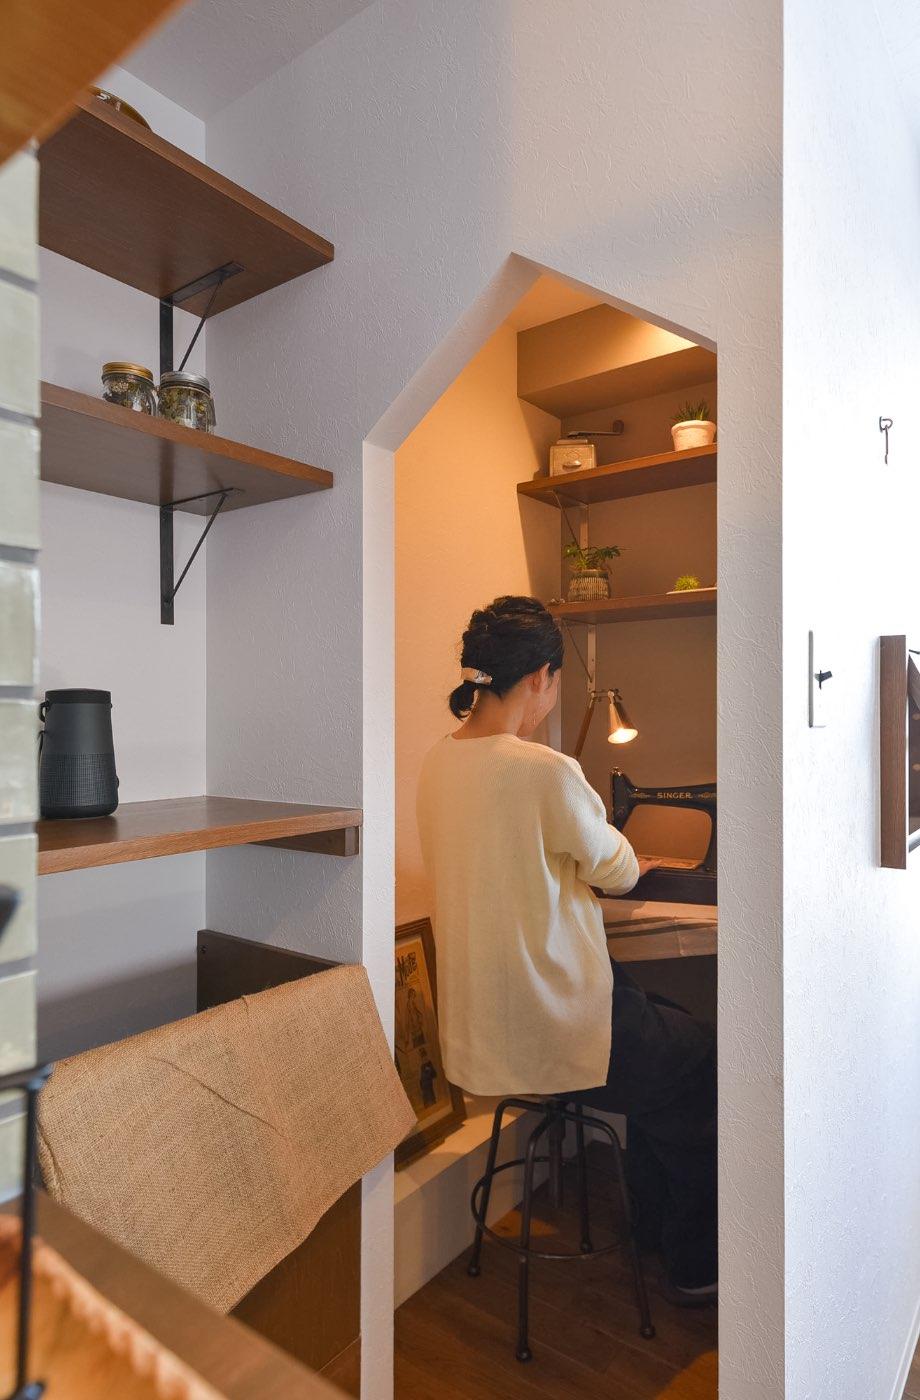 札幌市 中古マンション+リノベーション事例写真 その11 Tesoro